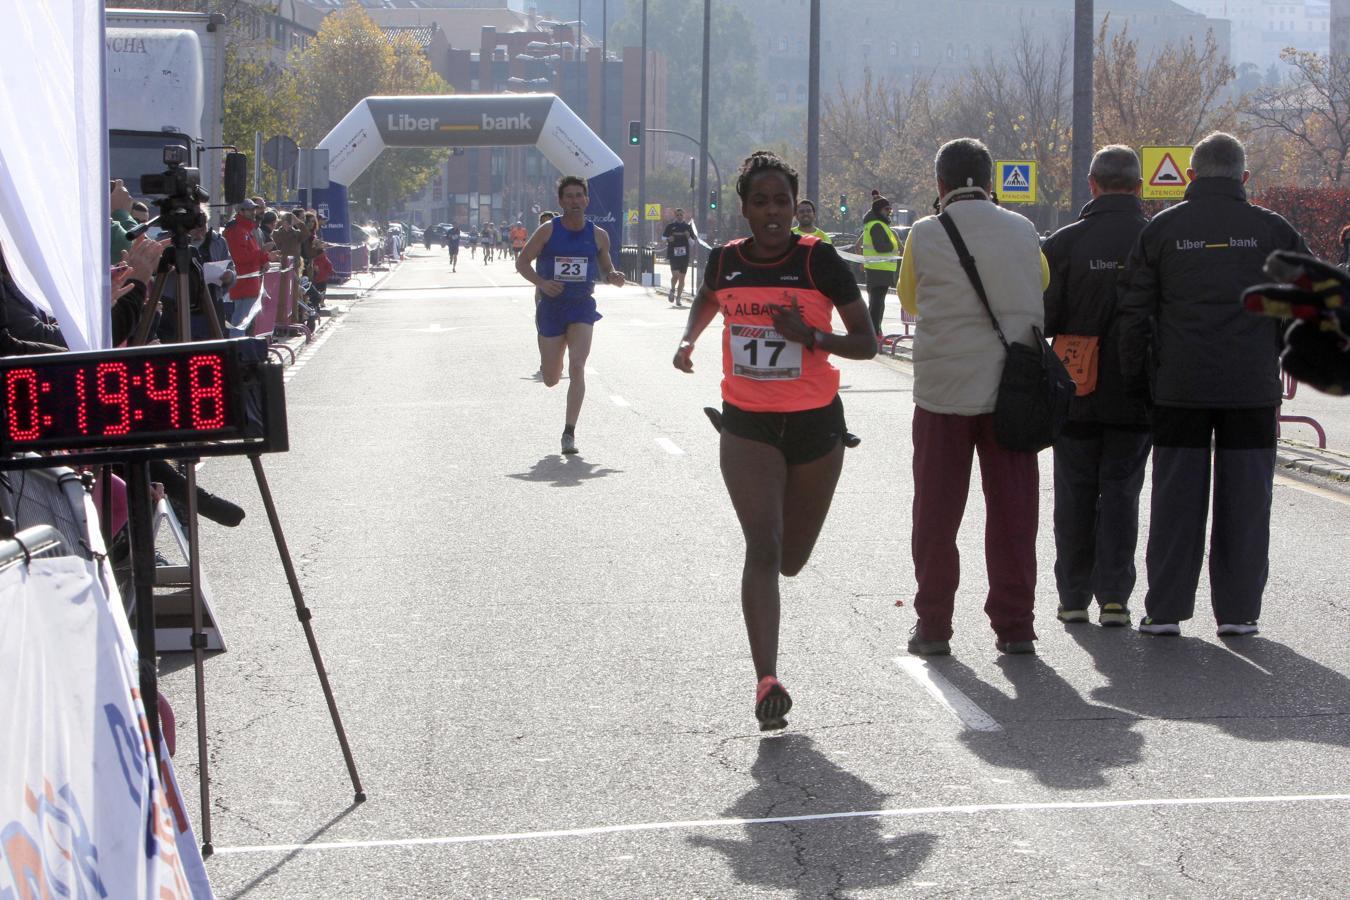 También se ha celebrado otra prueba de patines de 10 kilómetros y una legua atlética en la que han participado 50 corredores